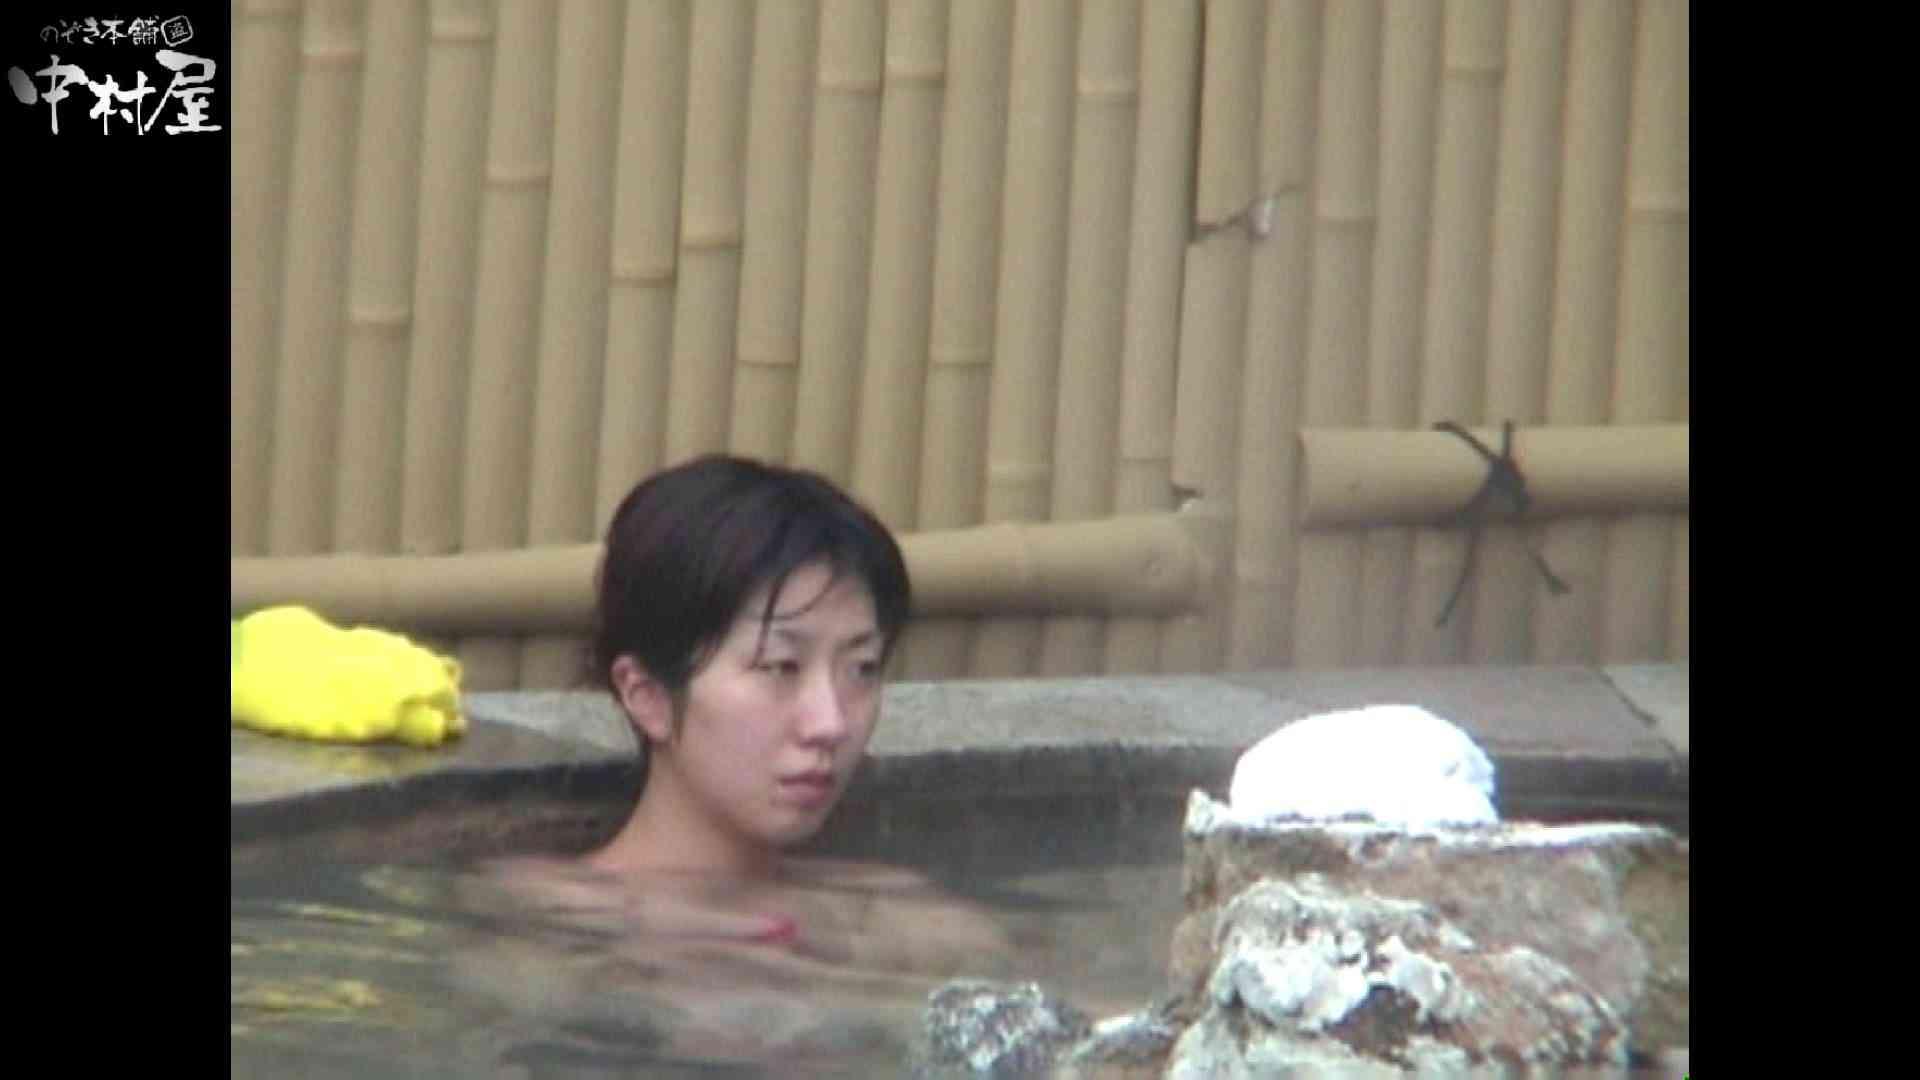 Aquaな露天風呂Vol.921 盗撮特集 | 露天  93画像 35